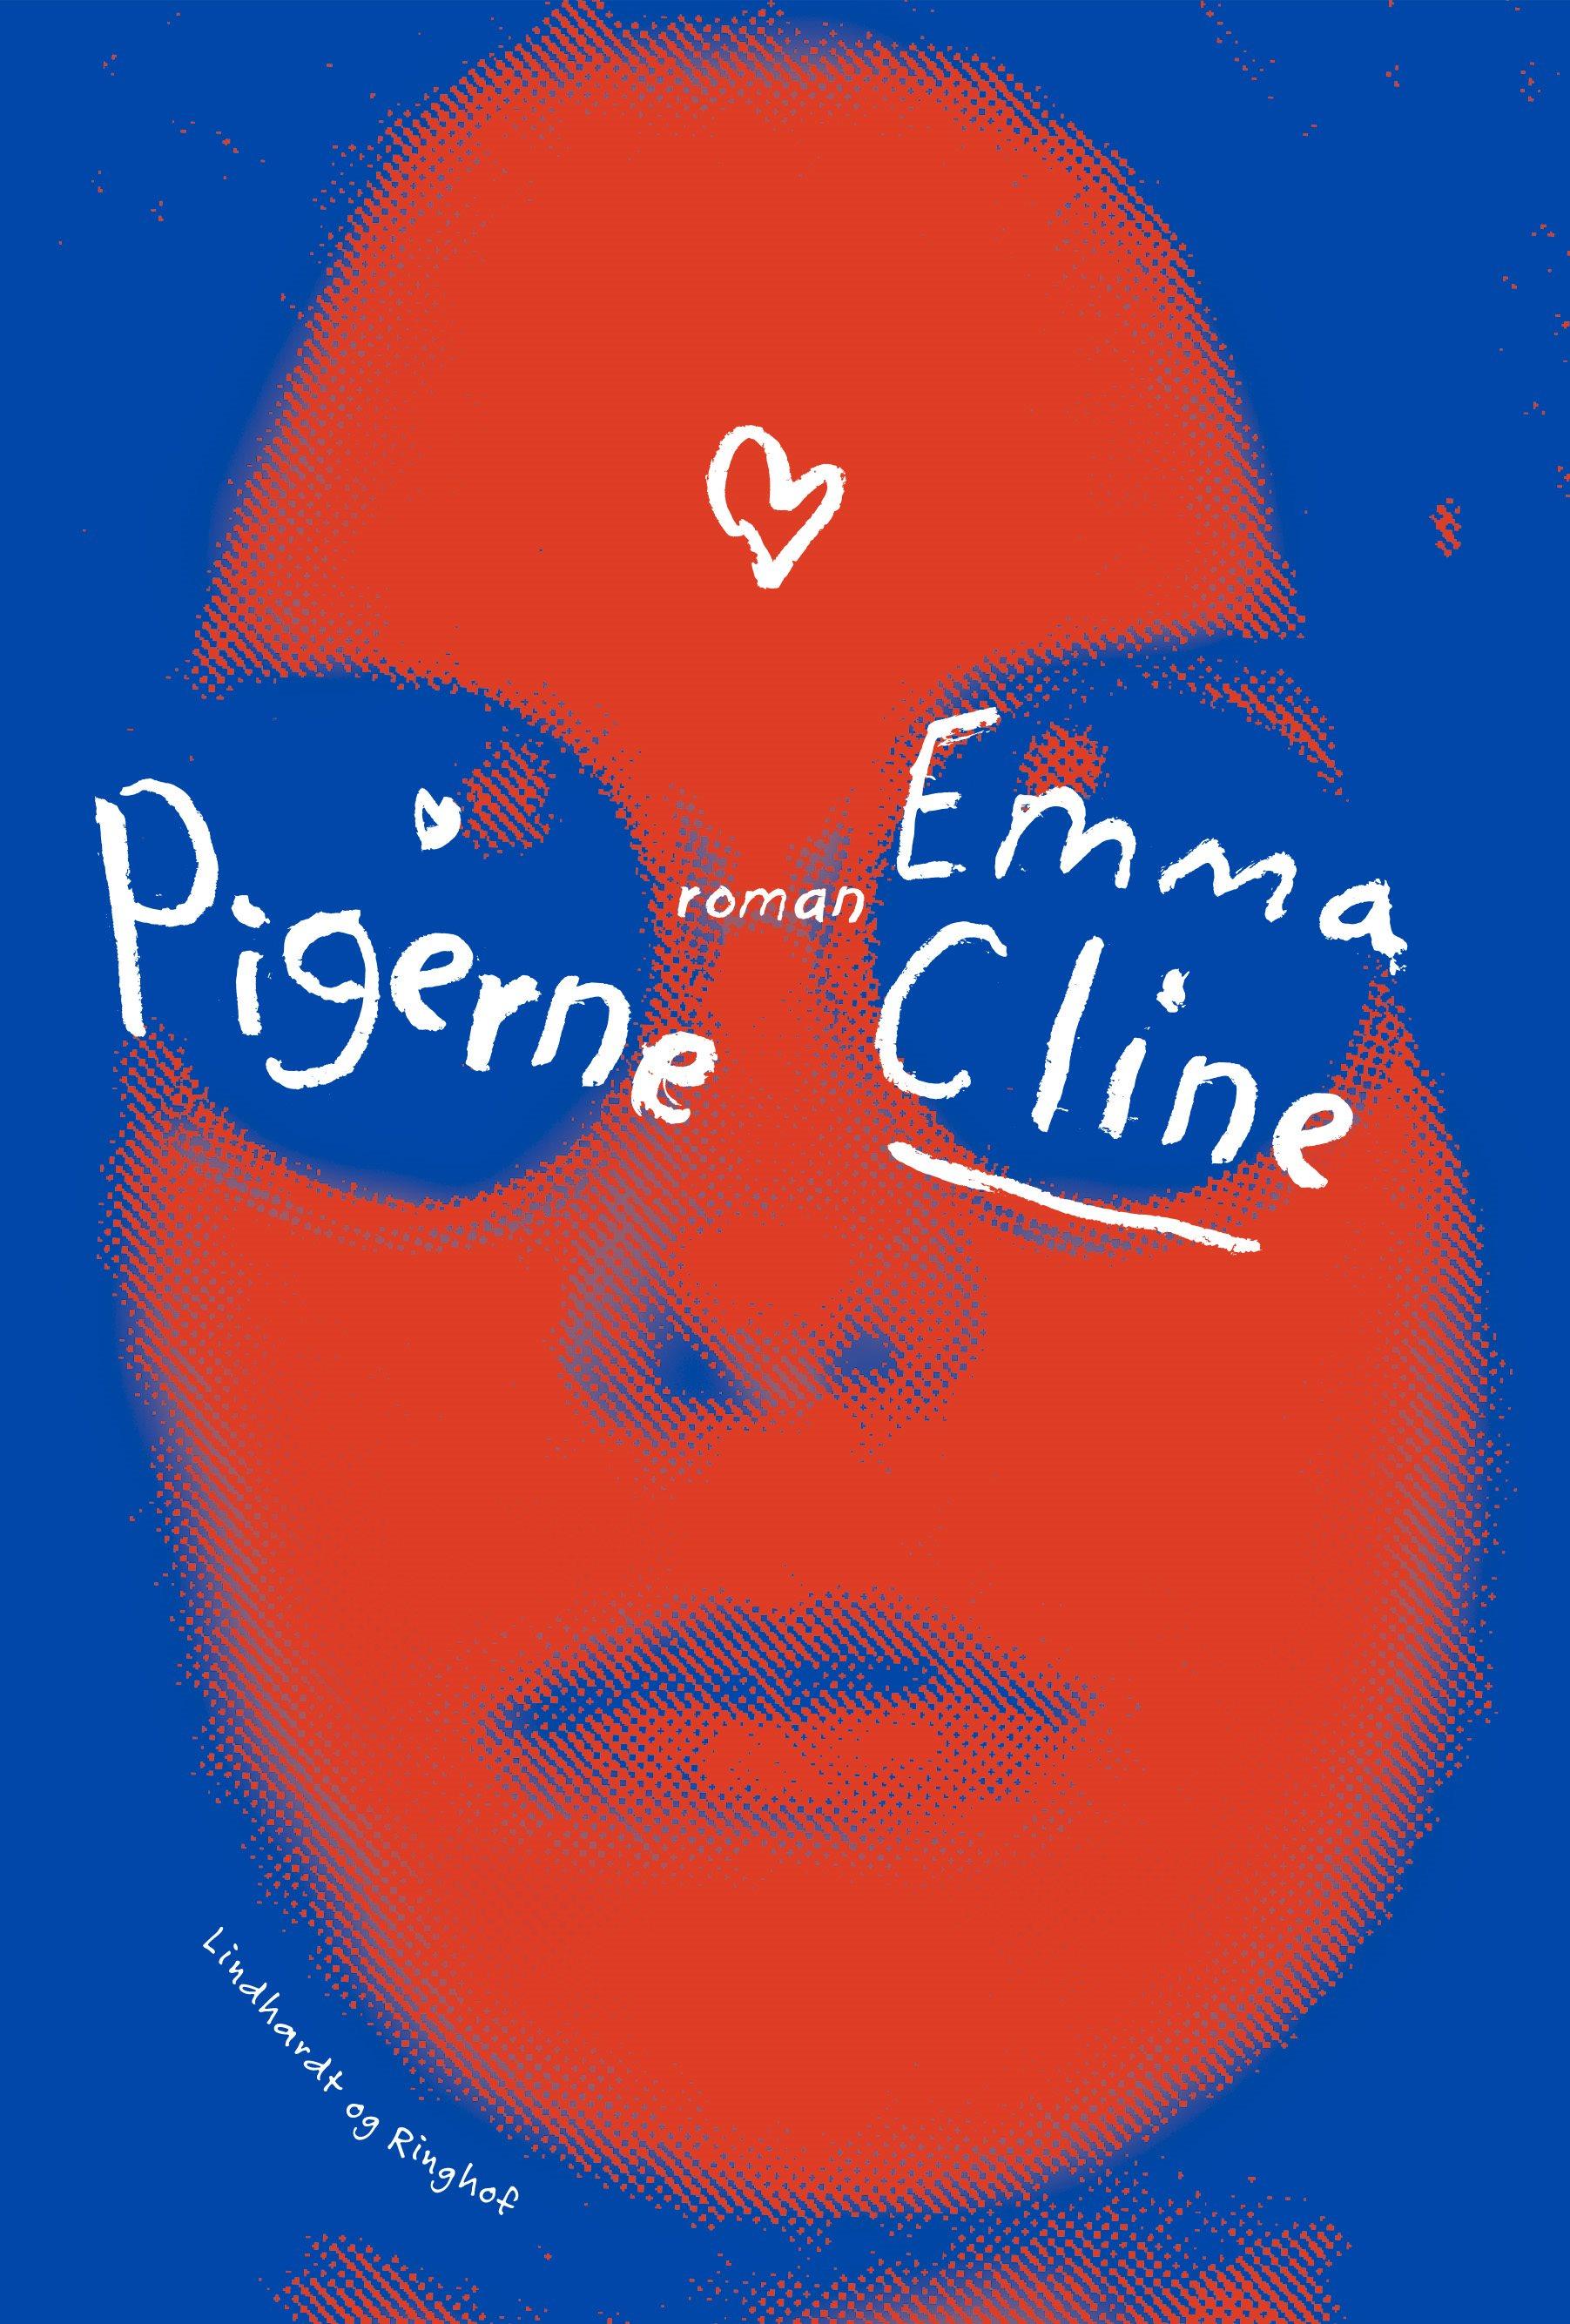 Emma Cline, Pigerne, teenage, YA, Young Adult, Kult, Ungdomsbog, Coming of age story, gruppedynamik